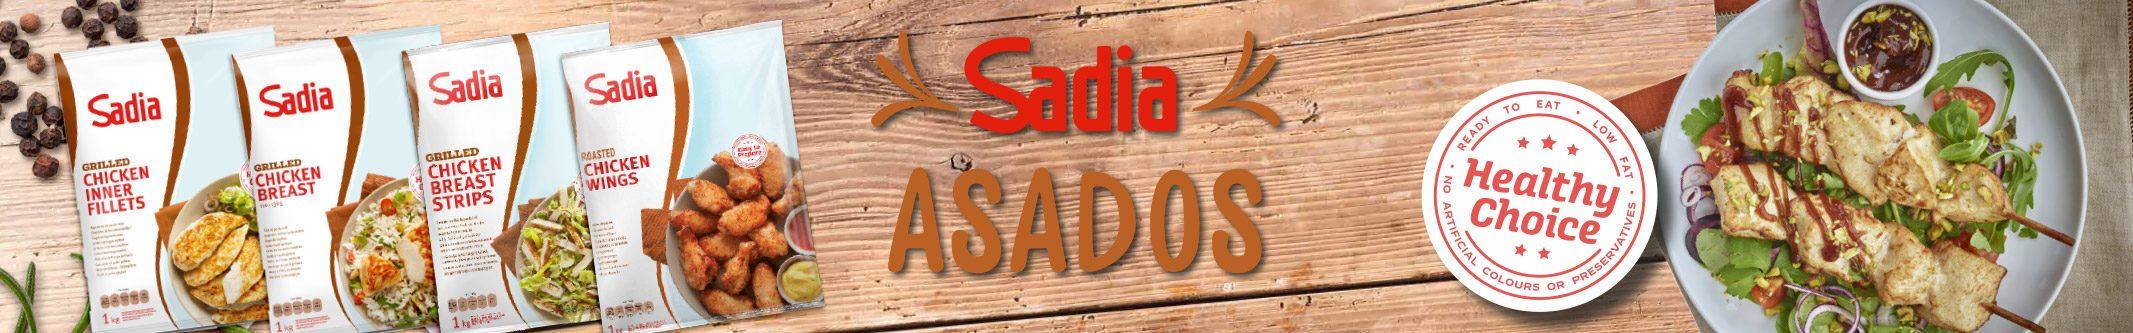 Sadia Asados foodservice